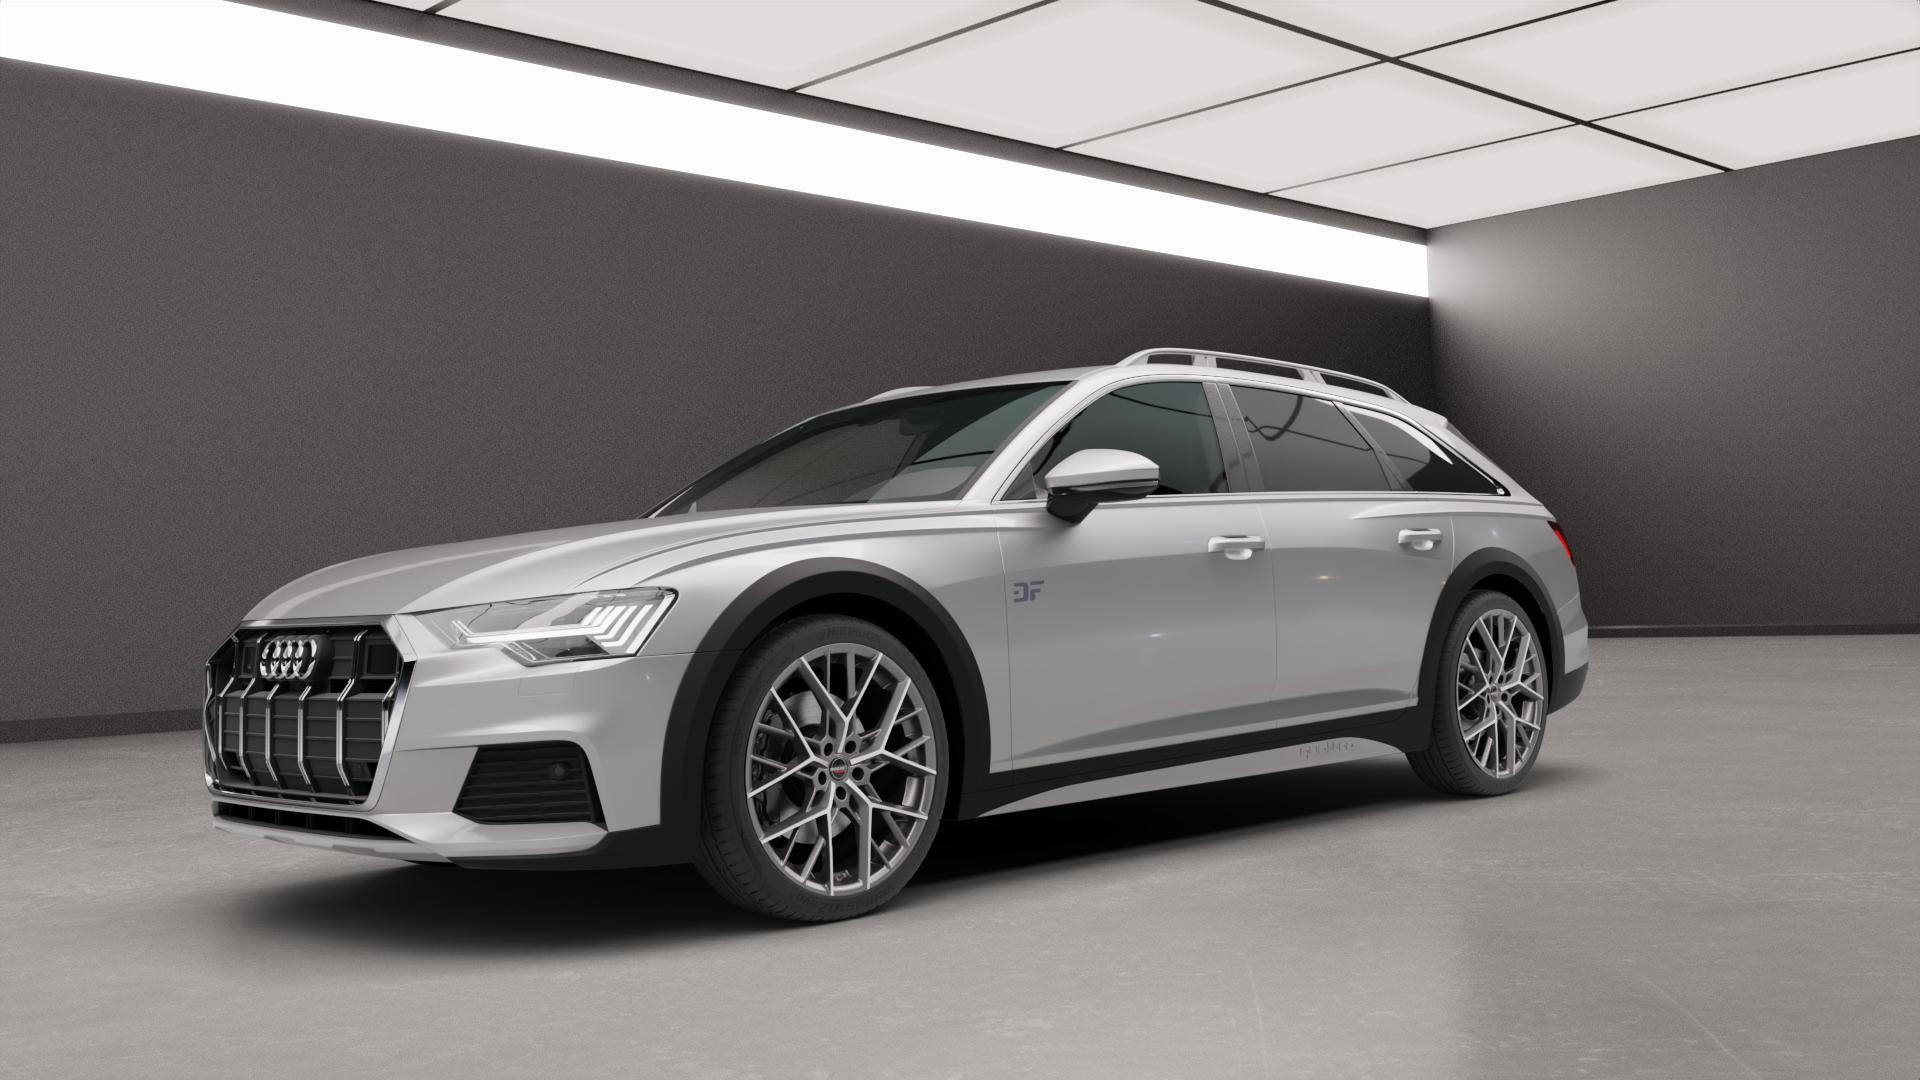 Borbet BY titan polished matt Felge mit Reifen grau in 21Zoll Alufelge auf silbernem Audi A6 Allroad Quattro Typ F2/C8 ⬇️ mit 15mm Tieferlegung ⬇️ Neutral_mid_max5300mm Frontansicht_1